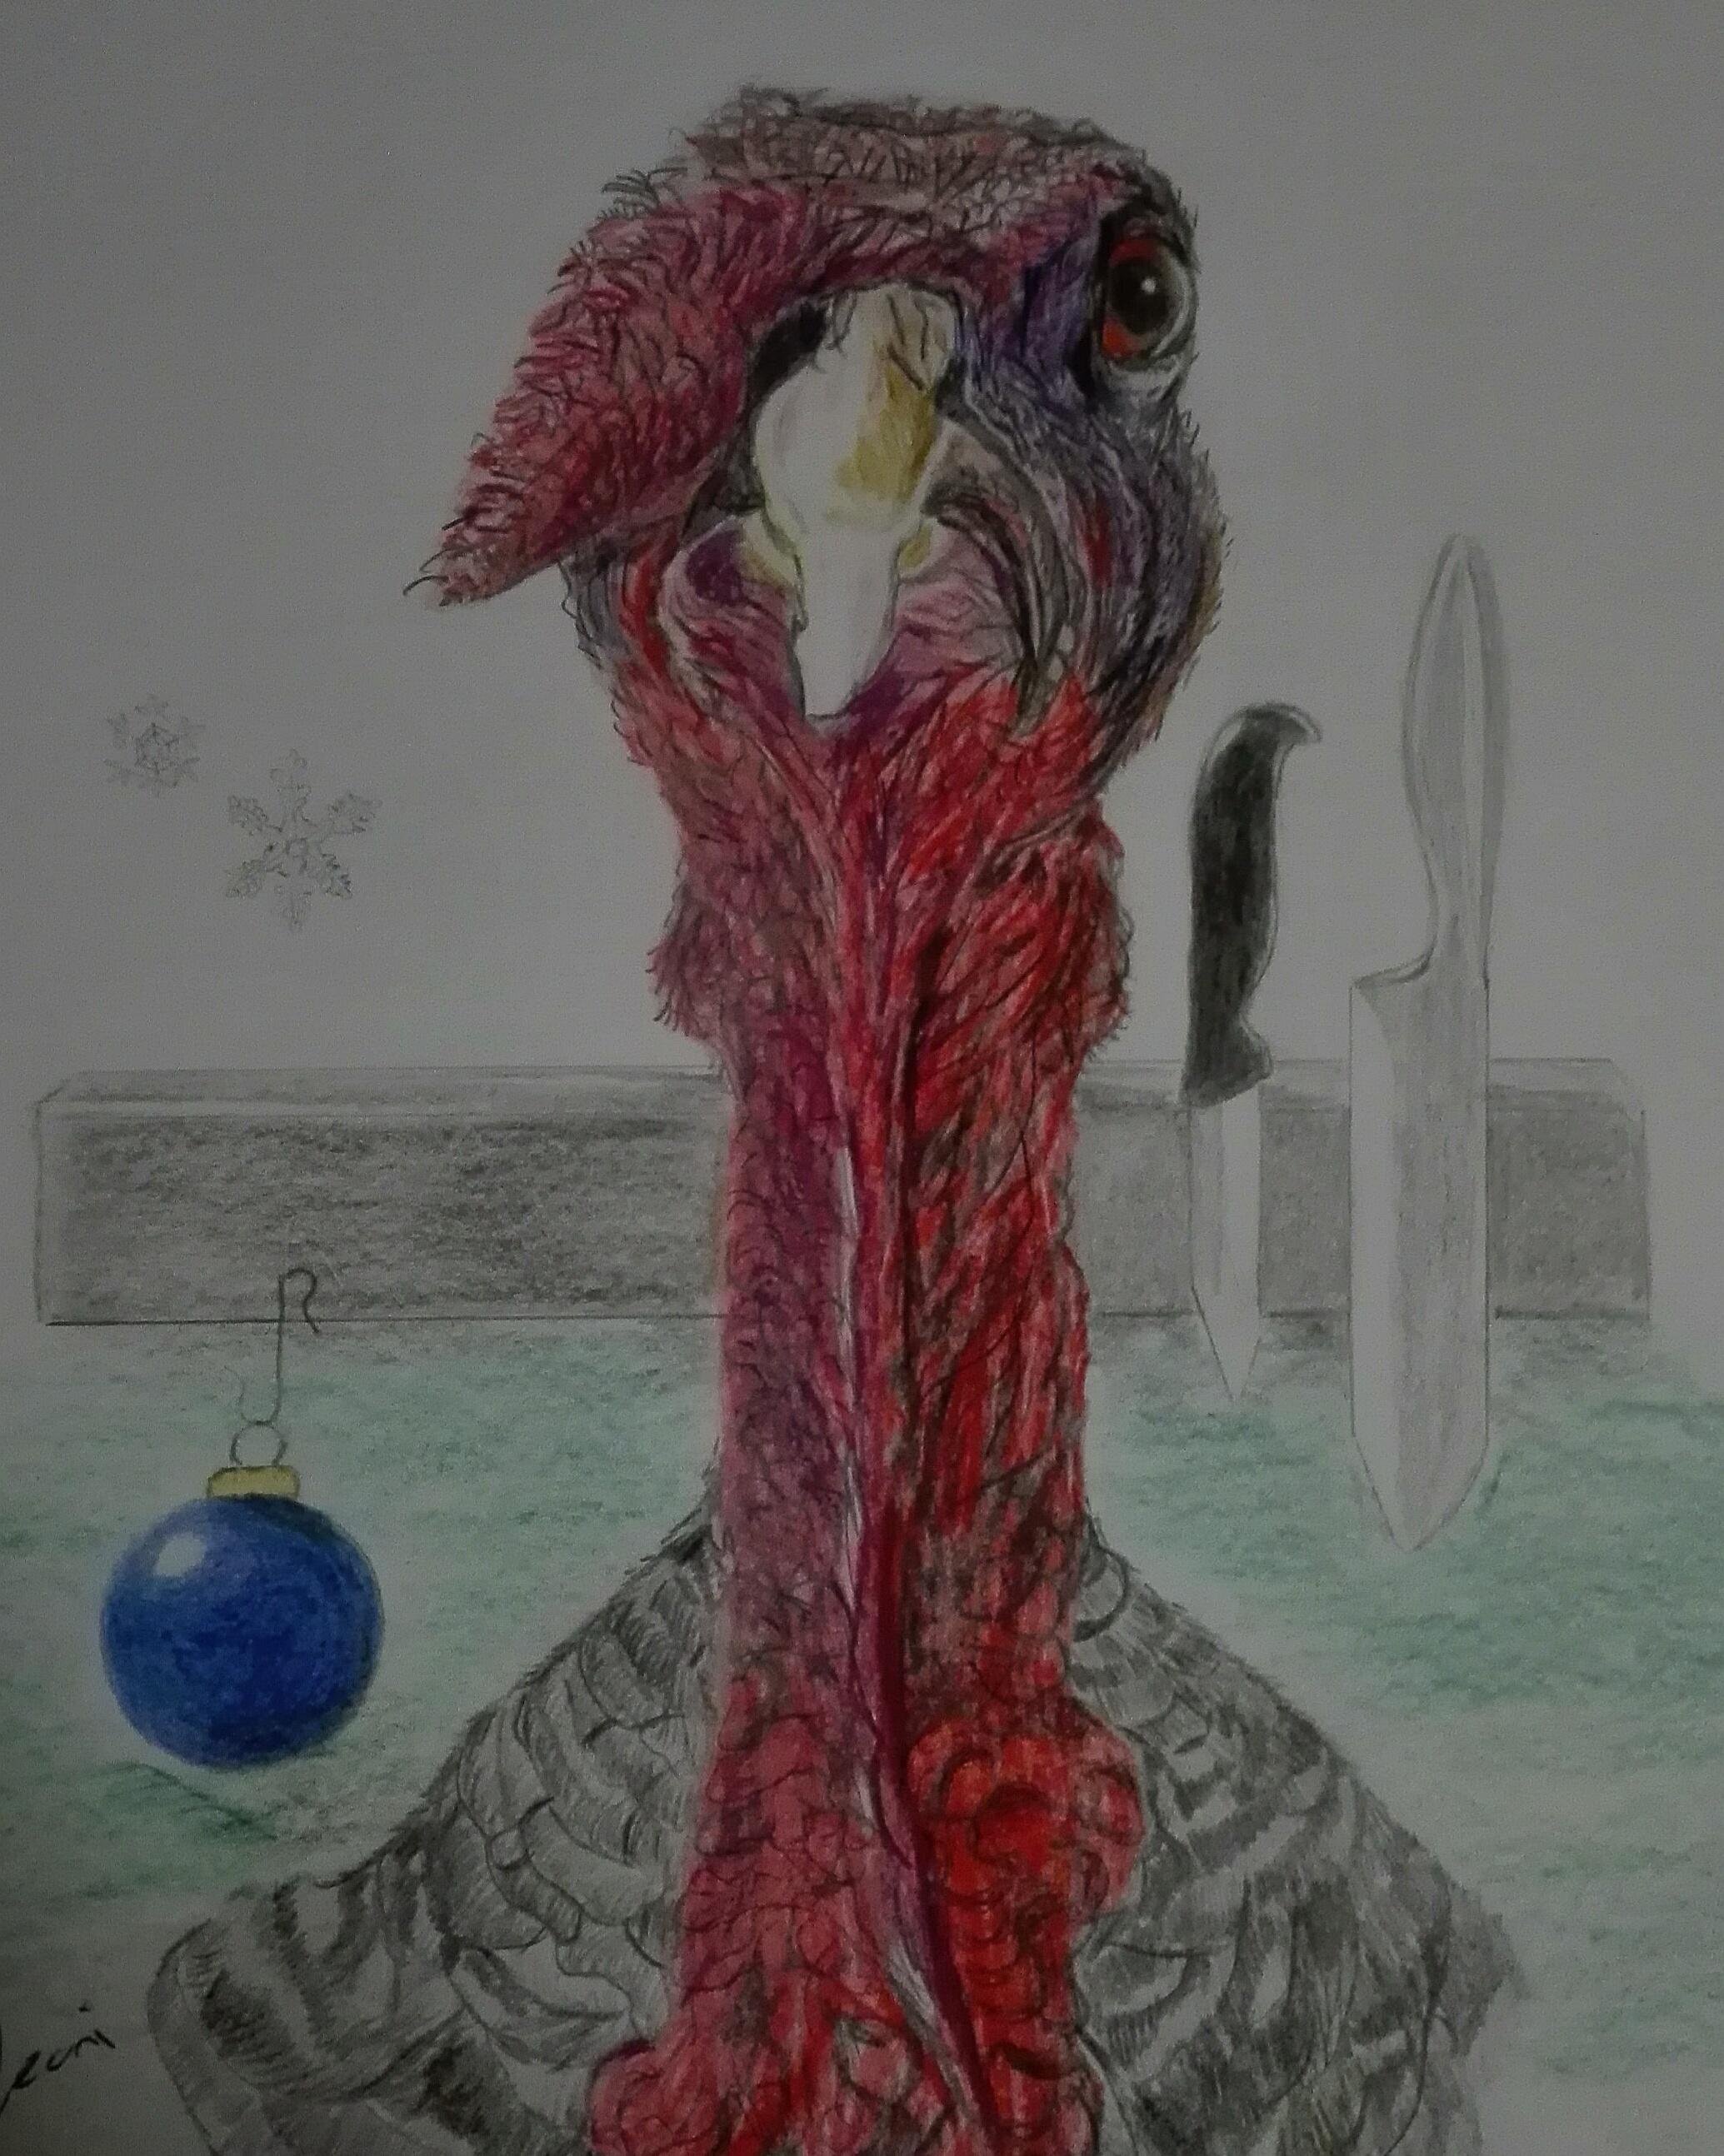 kerstkalkoen